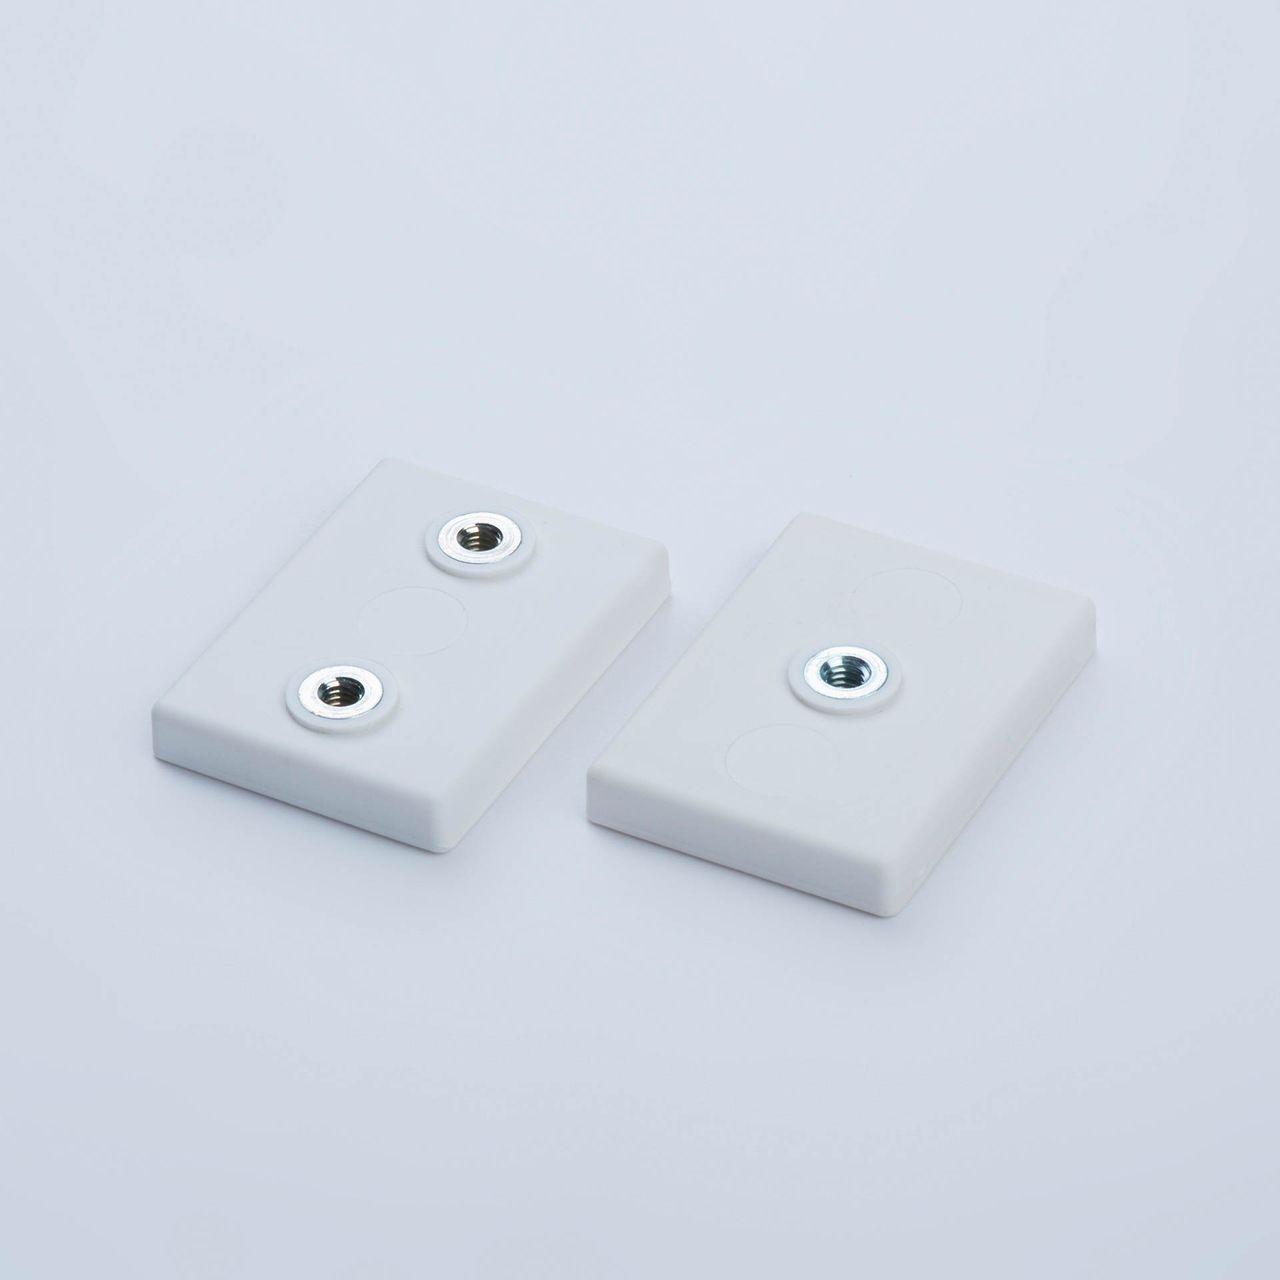 Flachgreifer aus Neodym mit Innengewinde, rechteckig, weiß gummiert, thyssenkrupp Magnettechnik